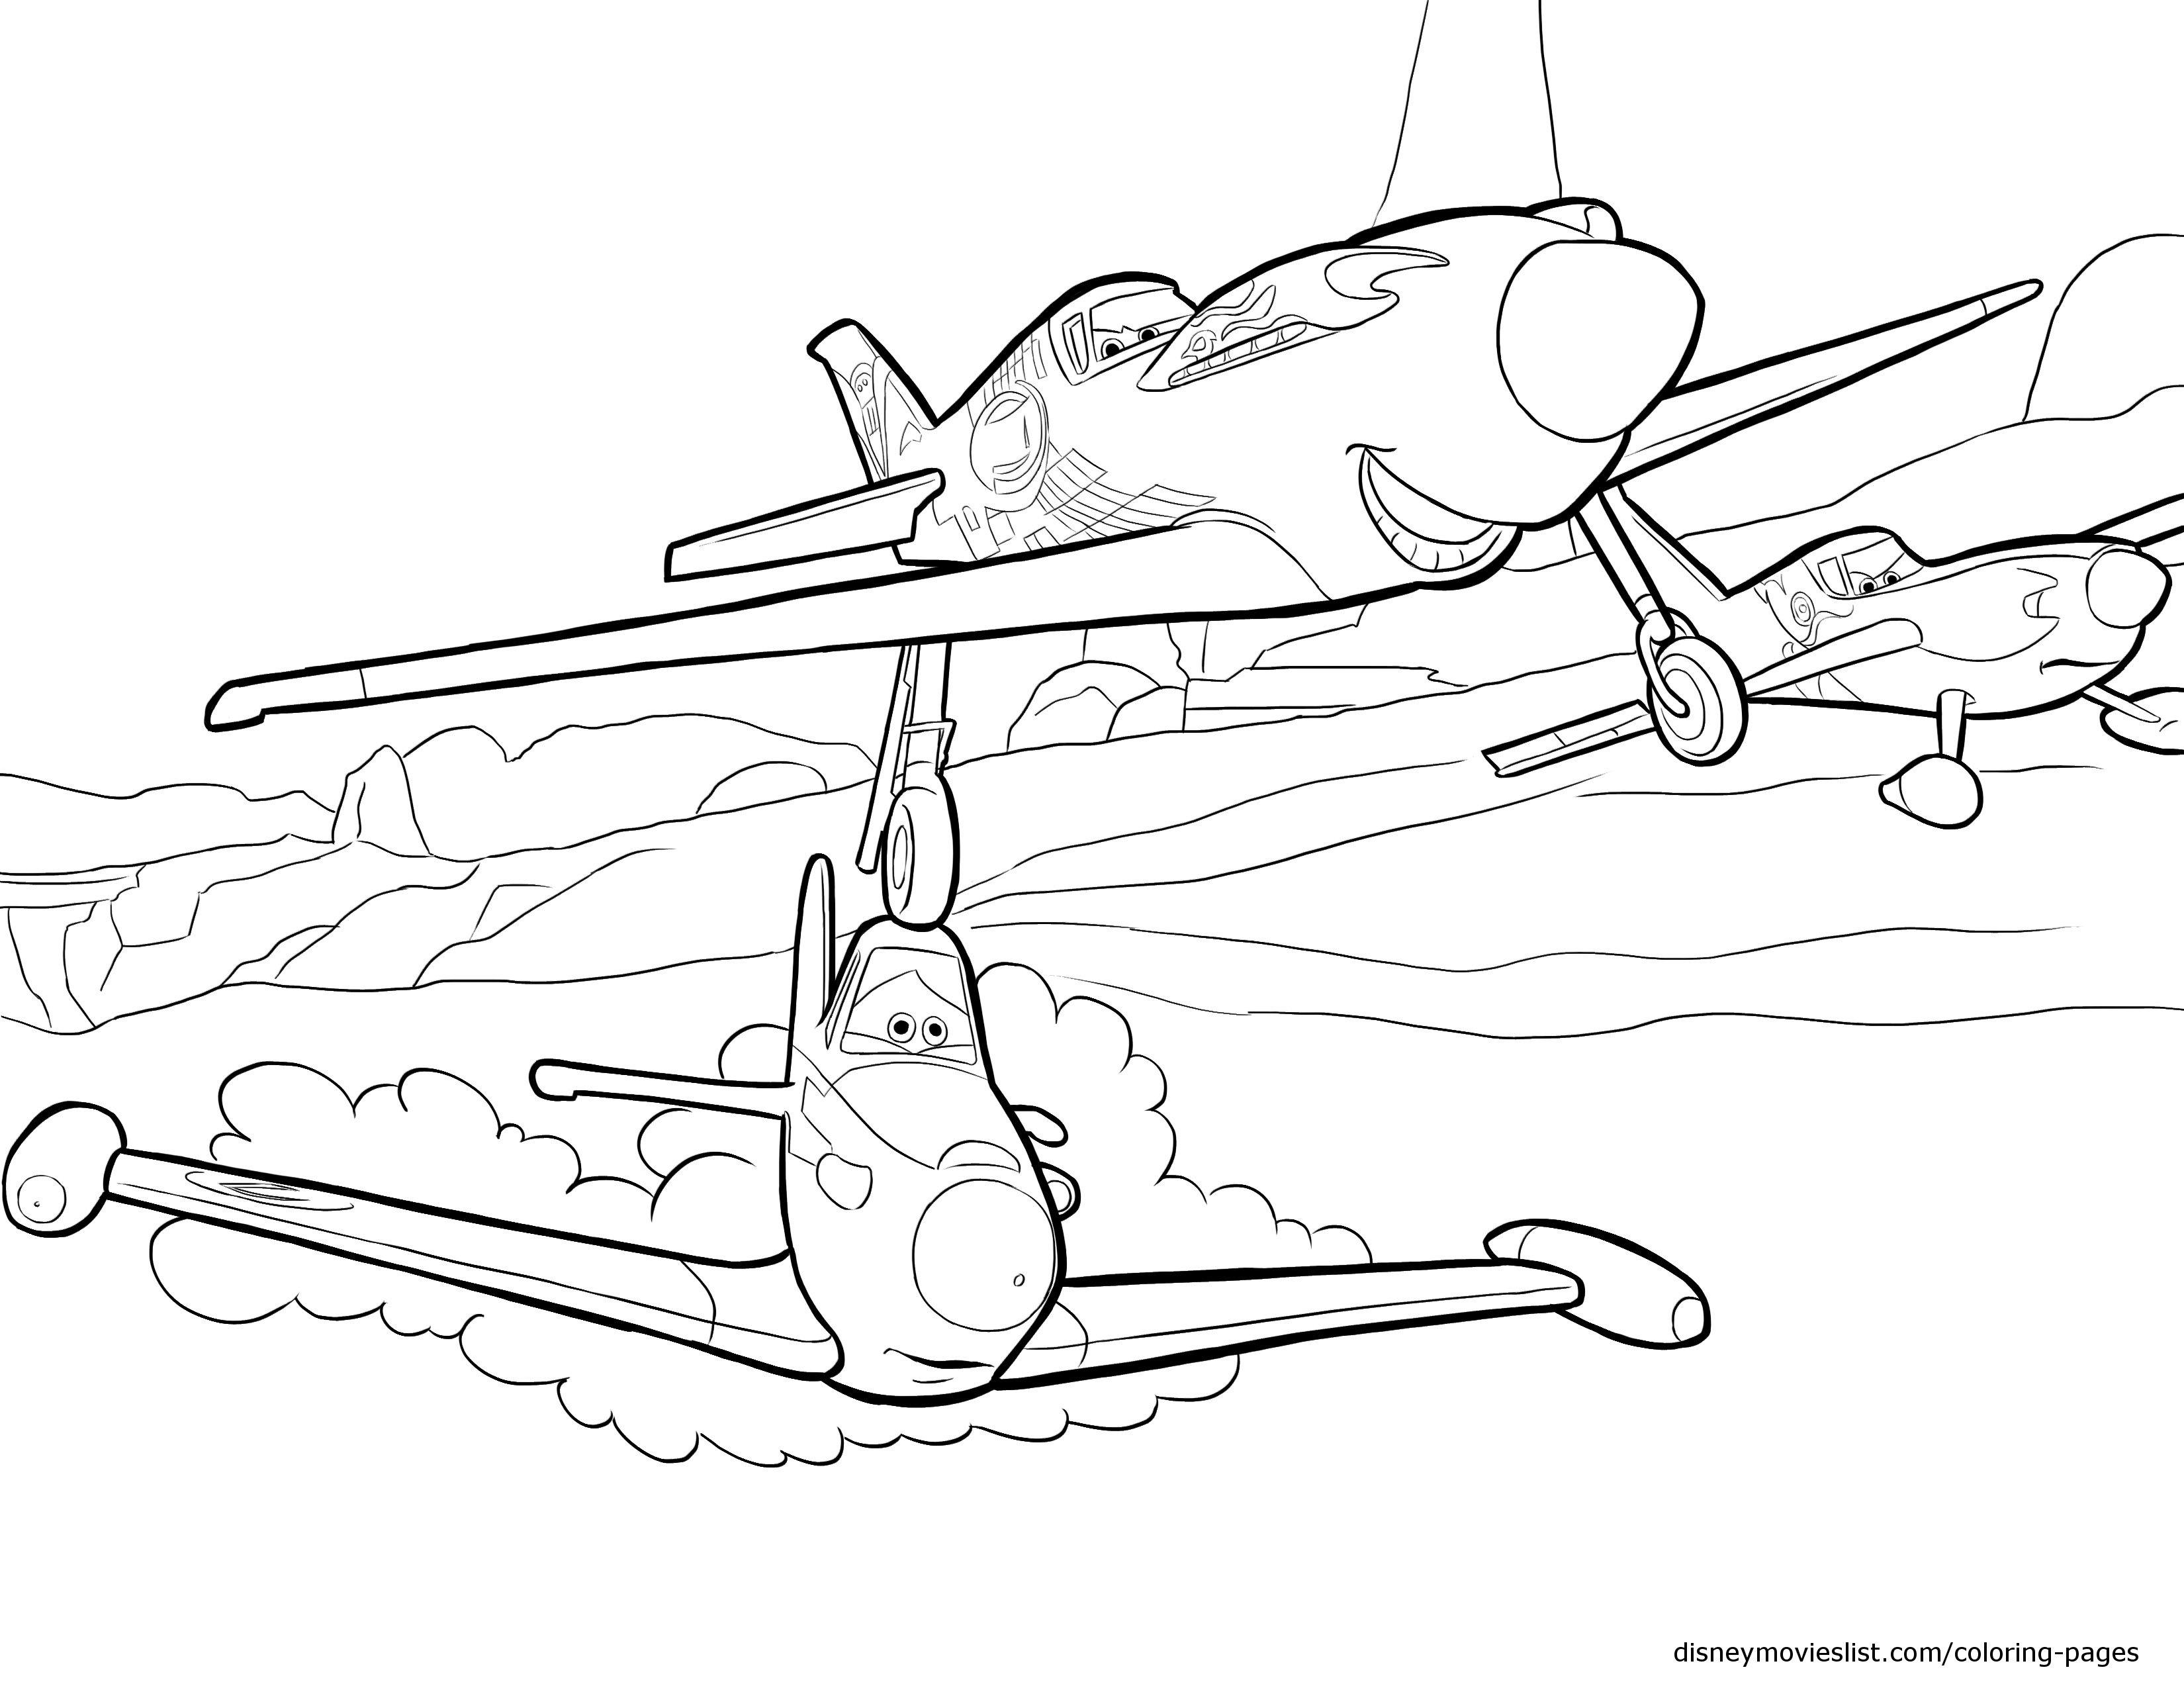 3300x2550 Drawn Aircraft Coloring Page